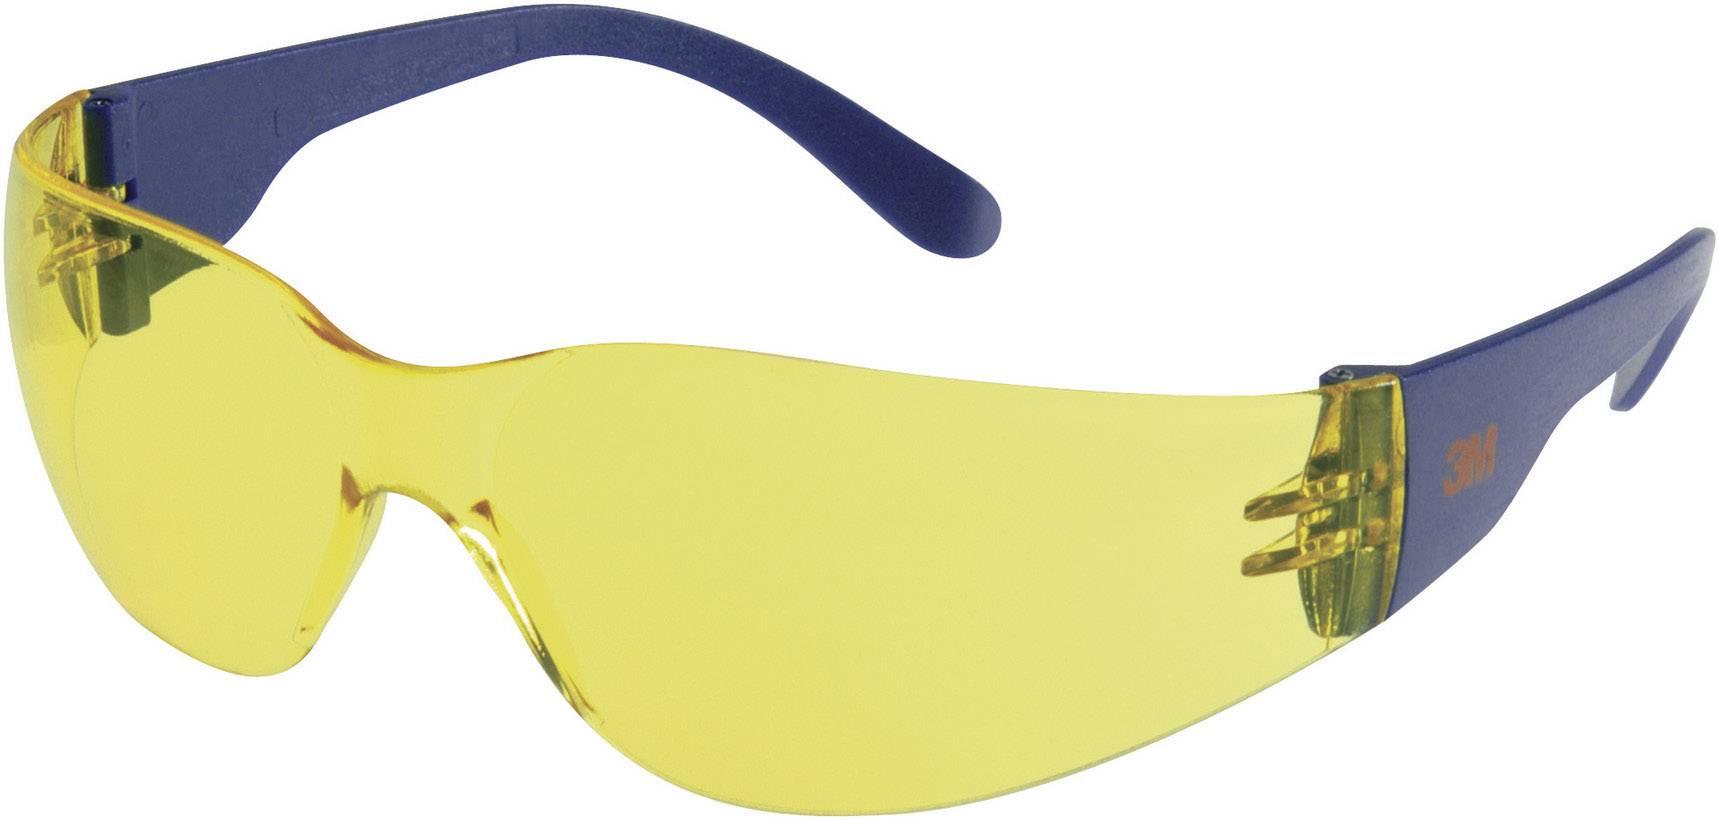 Ochranné okuliare 3M 2722